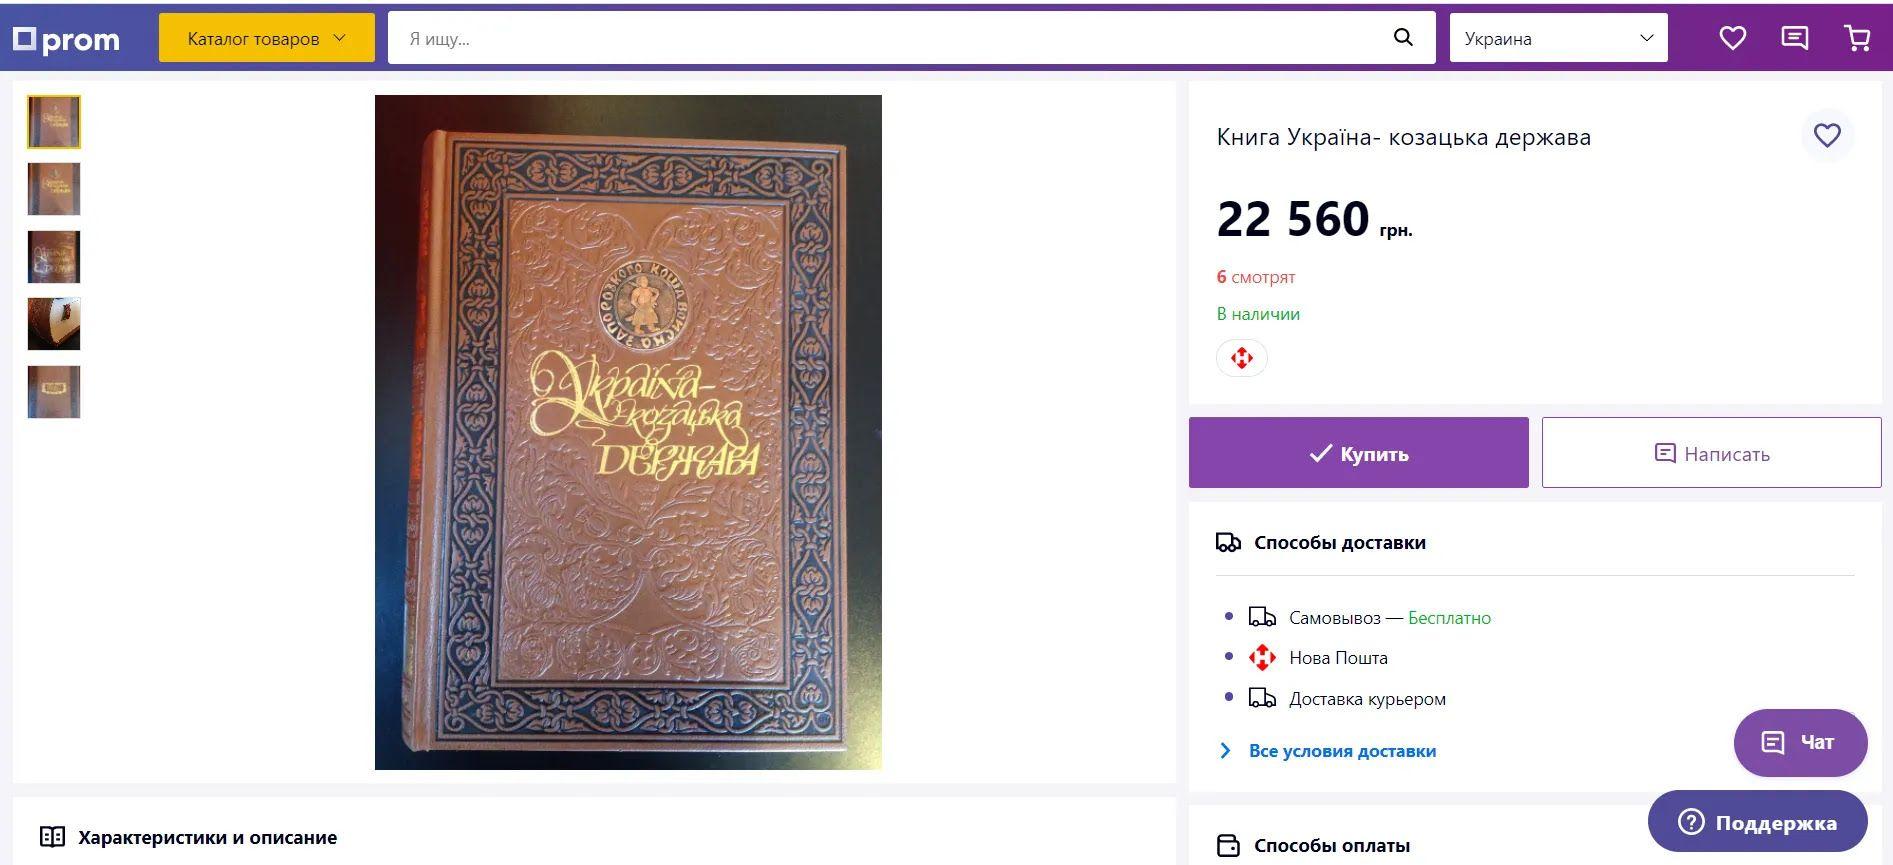 Одно из изданий книги стоимостью 22,5 тысячи гривен.